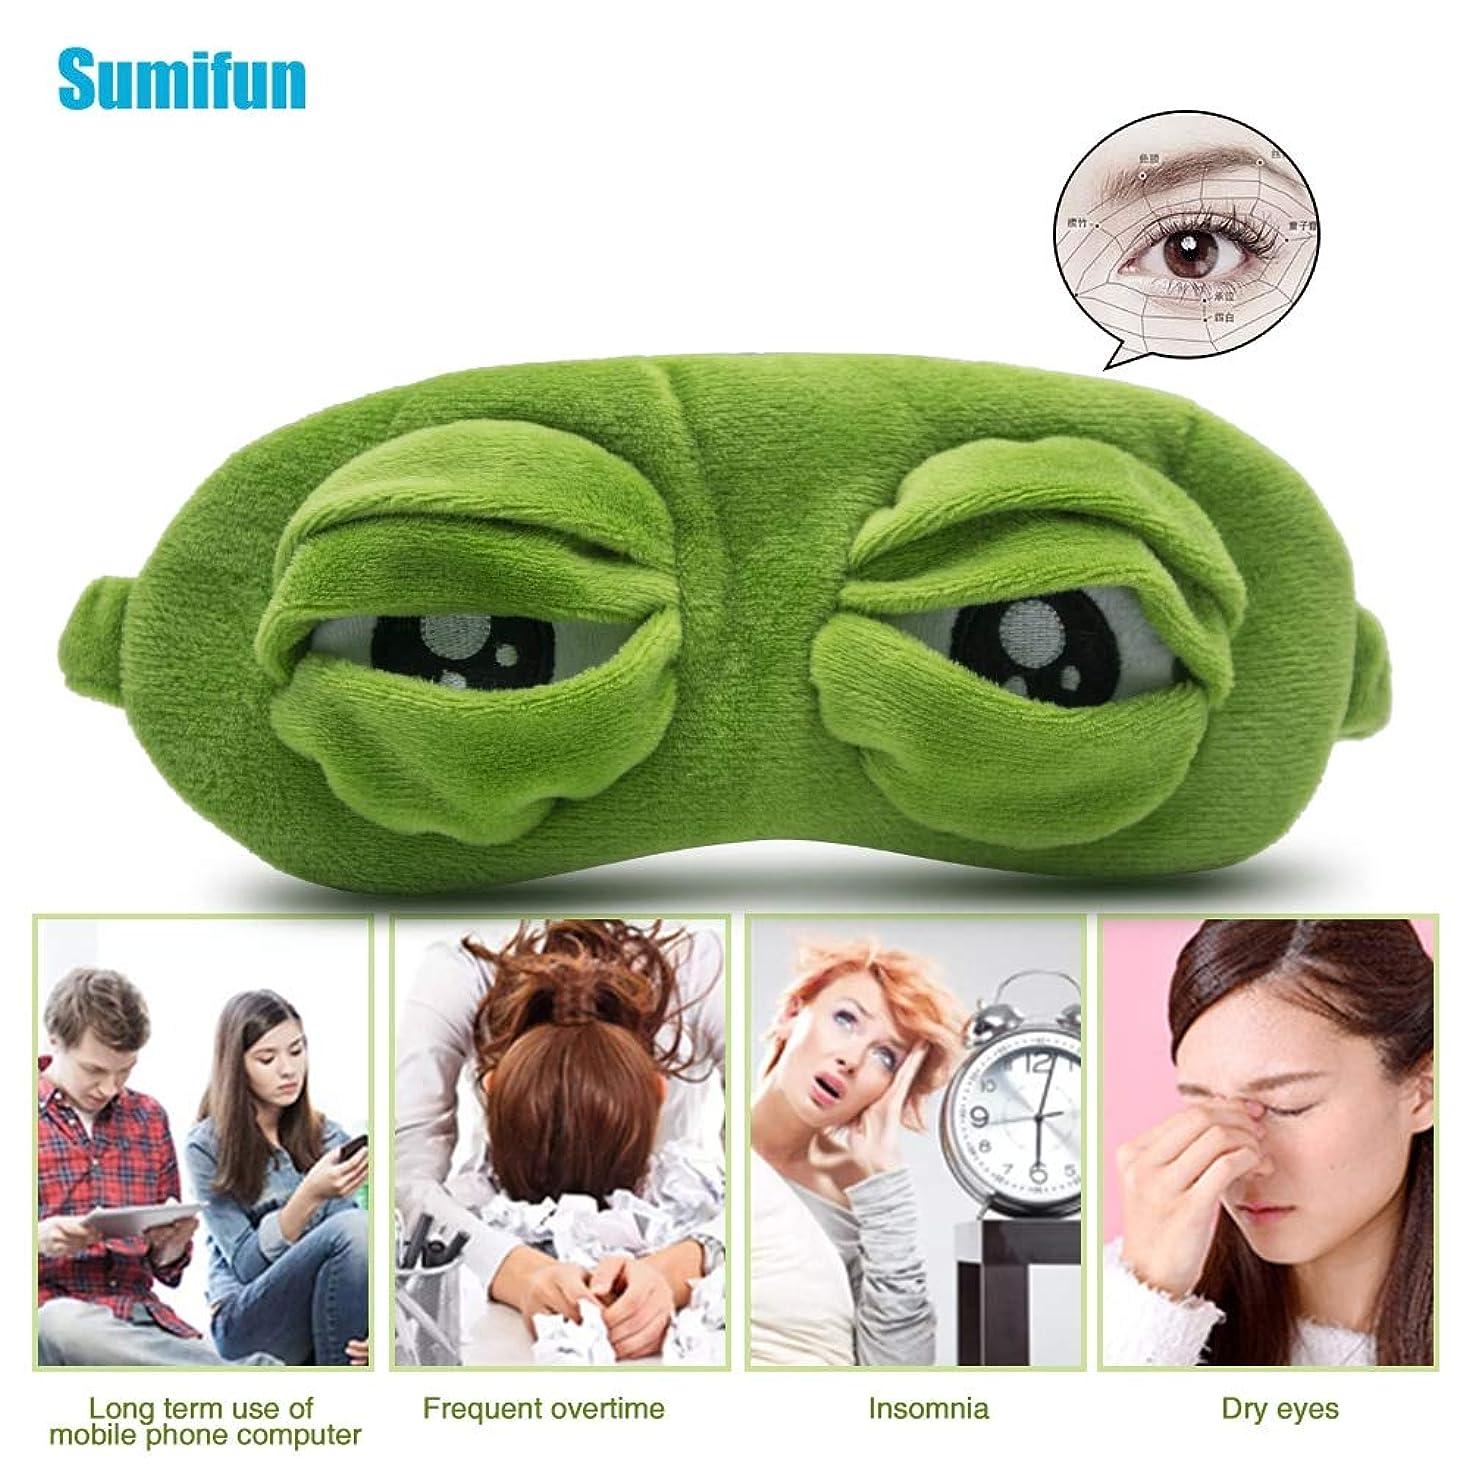 土曜日推測する試みる注Sumifun 3D悲しいカエル睡眠マスク休息睡眠目隠しアイスカバーアイパッチ睡眠マスクC1360